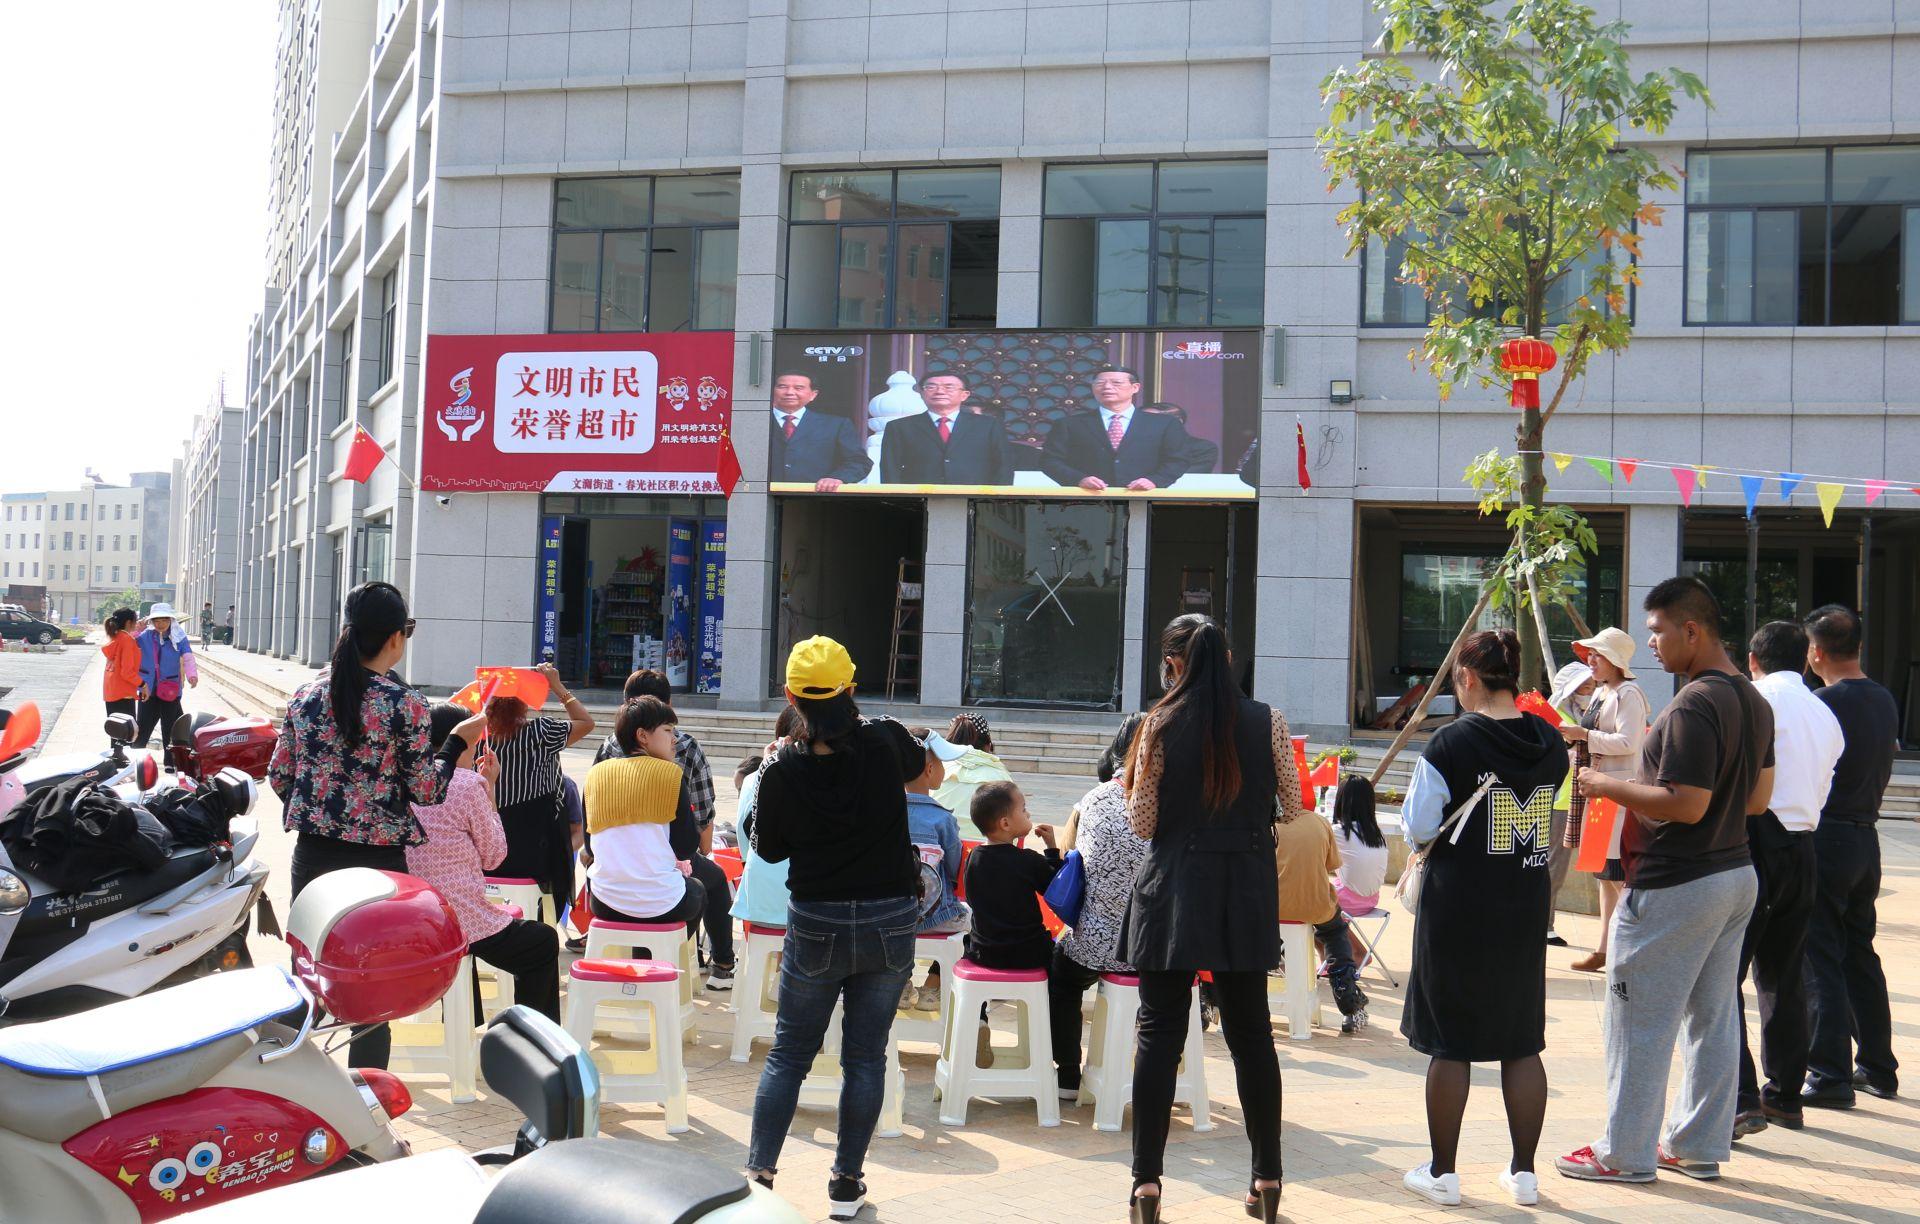 我市各行各业收看庆祝中华人民共和国成立70周年阅兵式